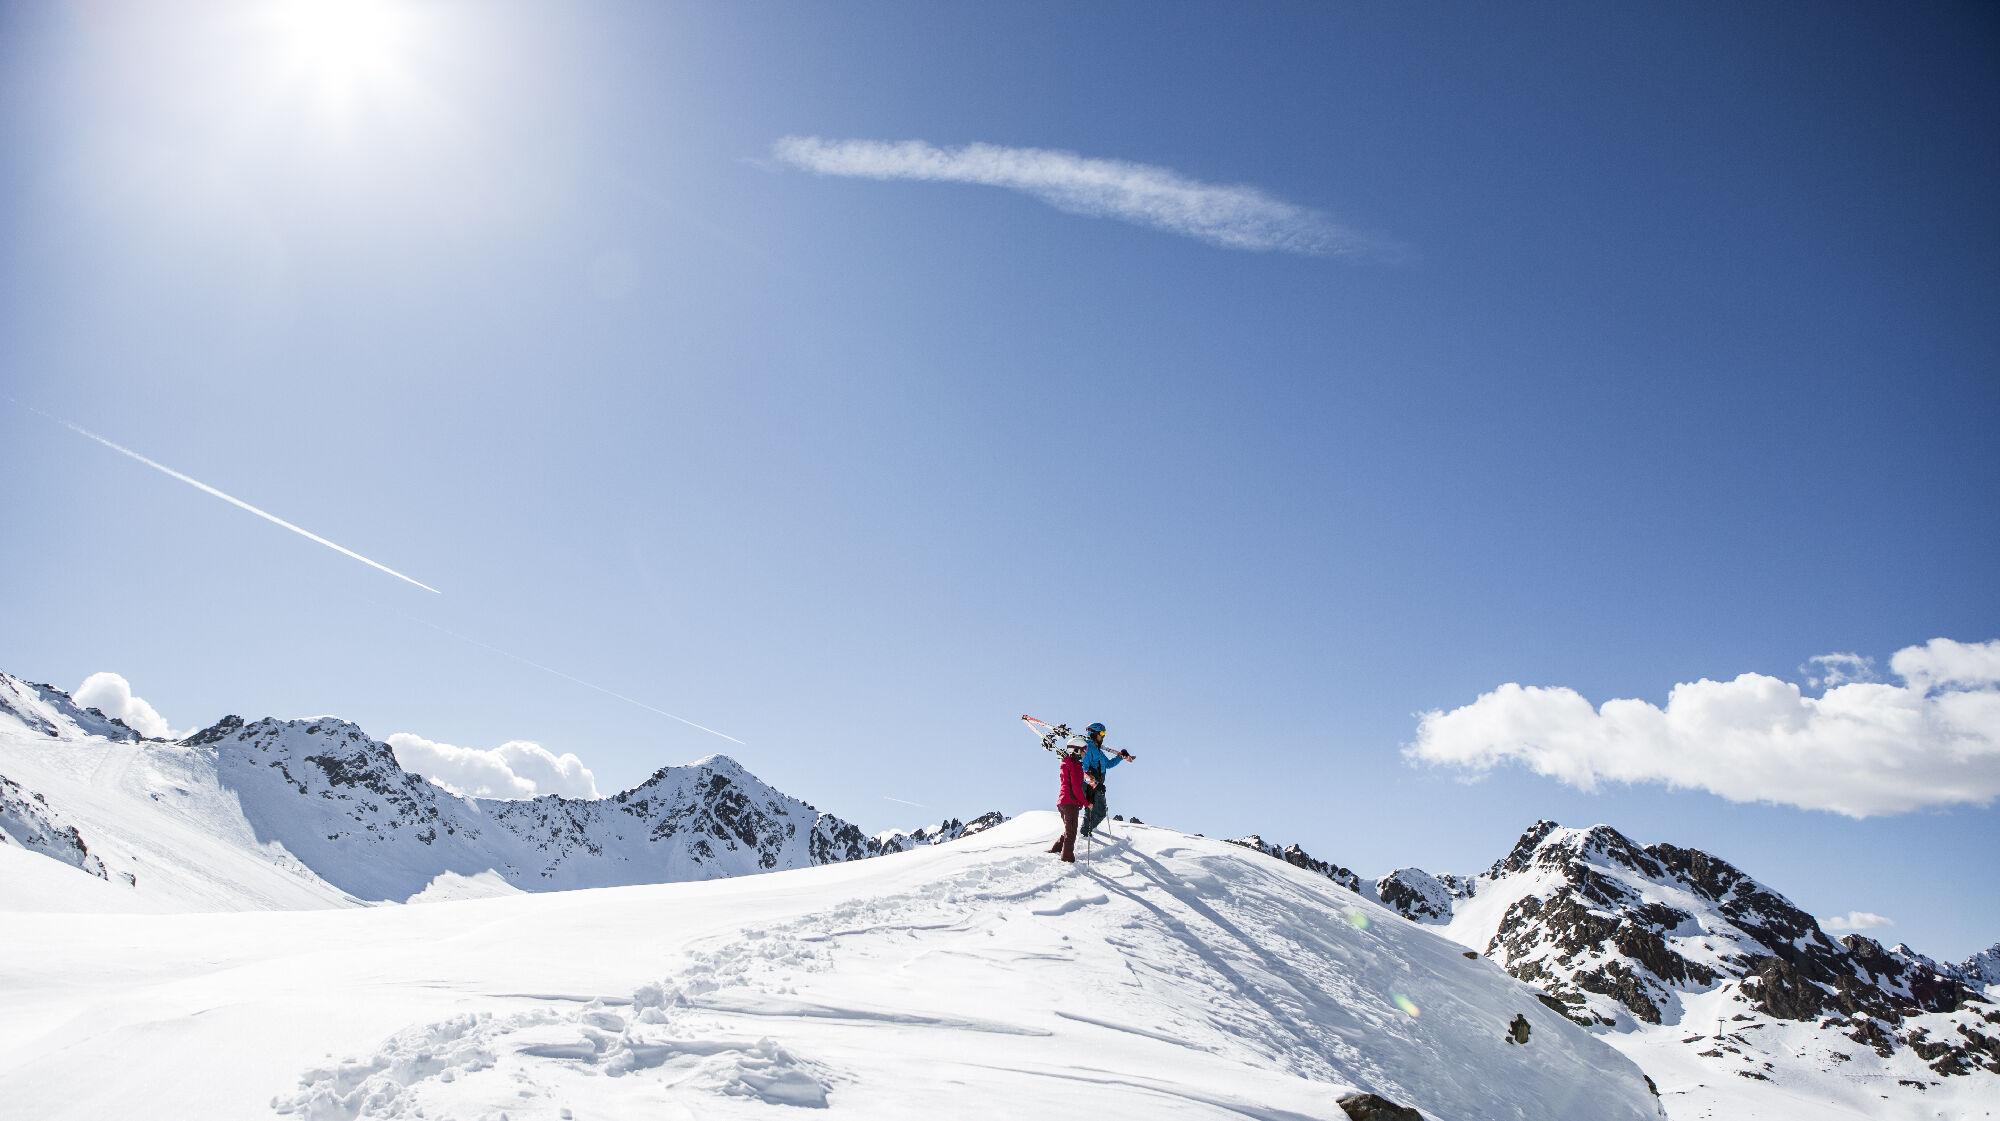 Wintergenuss am Kaunertaler Gletscher